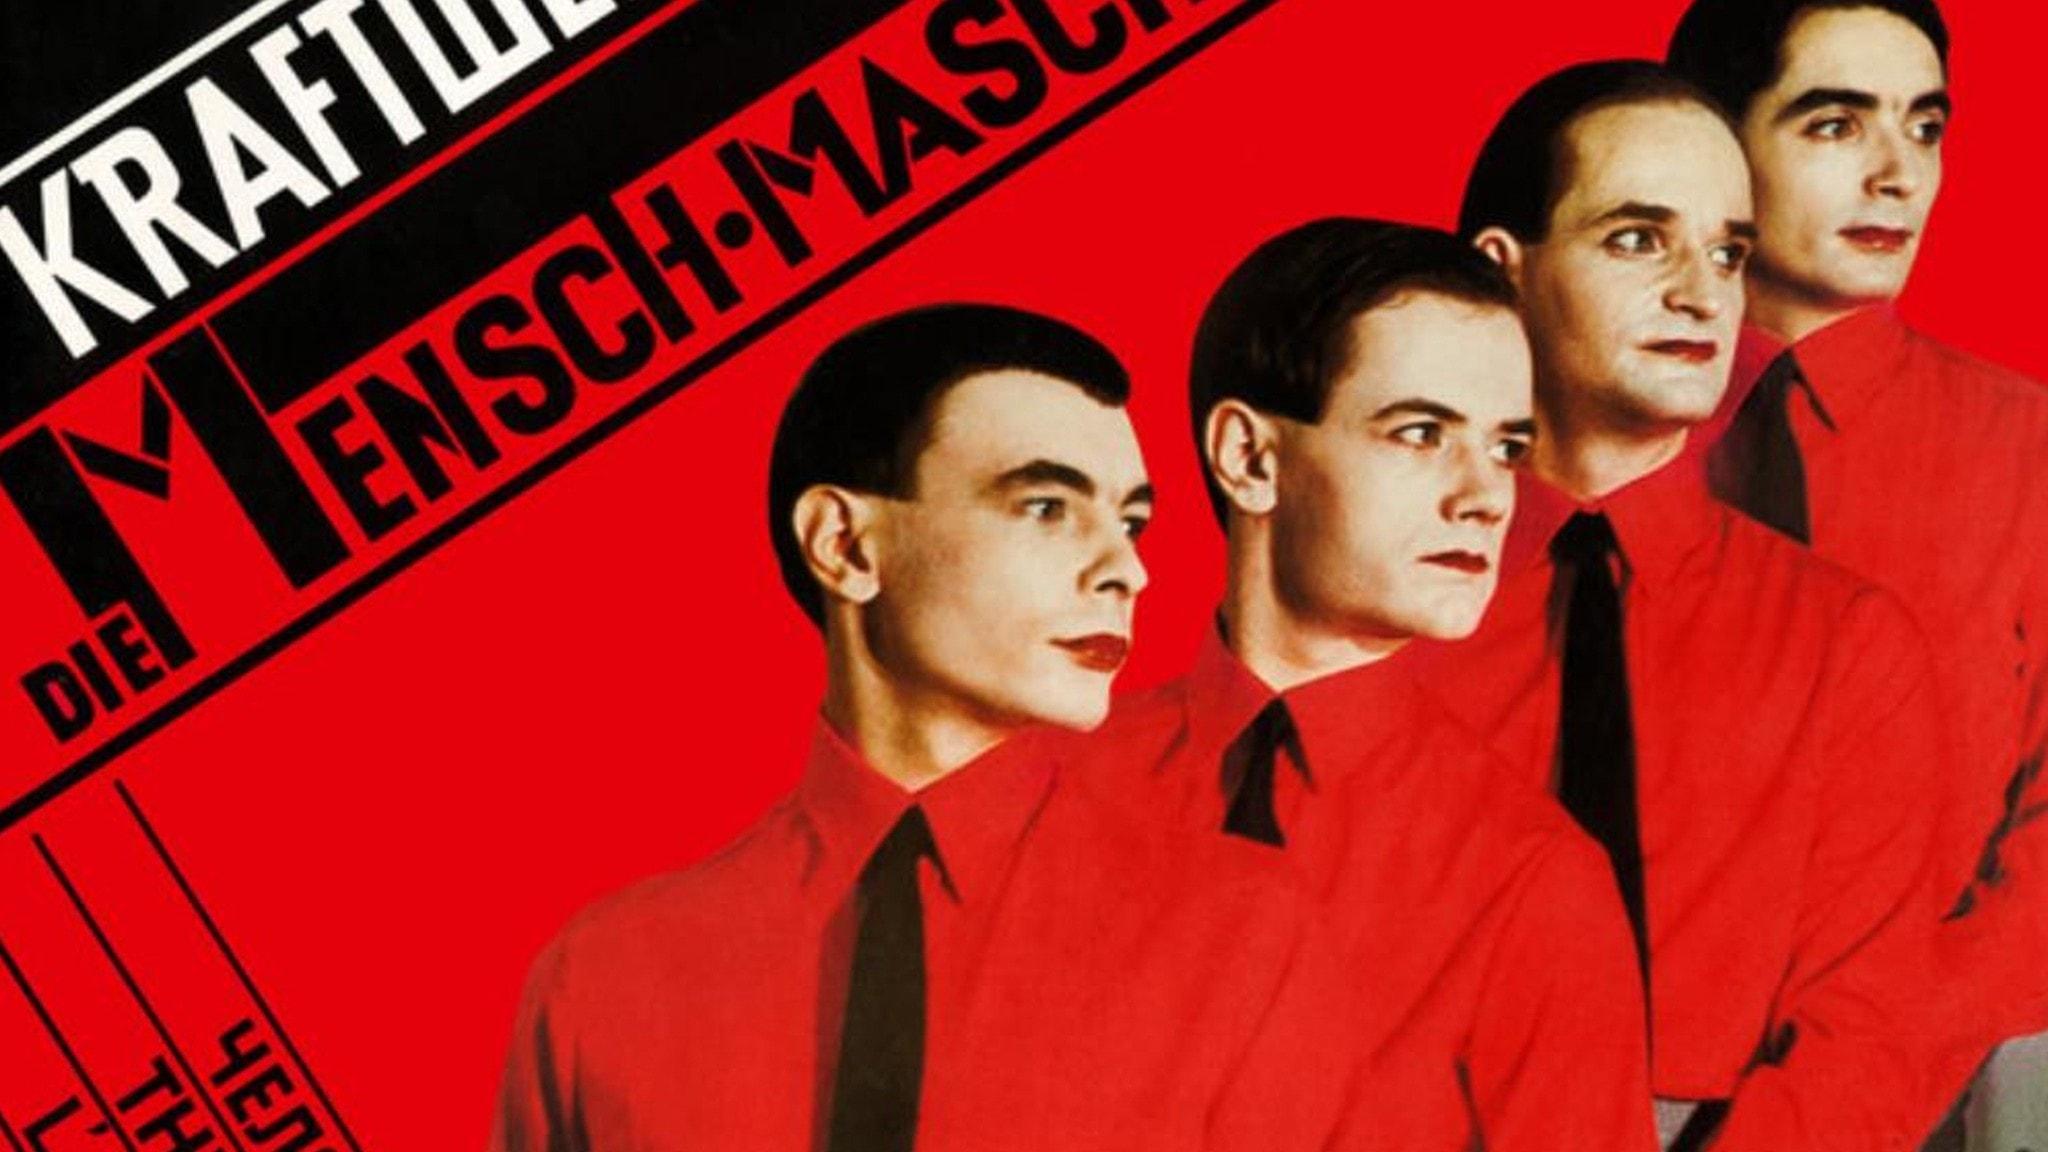 Från omslaget till Kraftwerks skiva Die Mensch-Maschine från 1978.